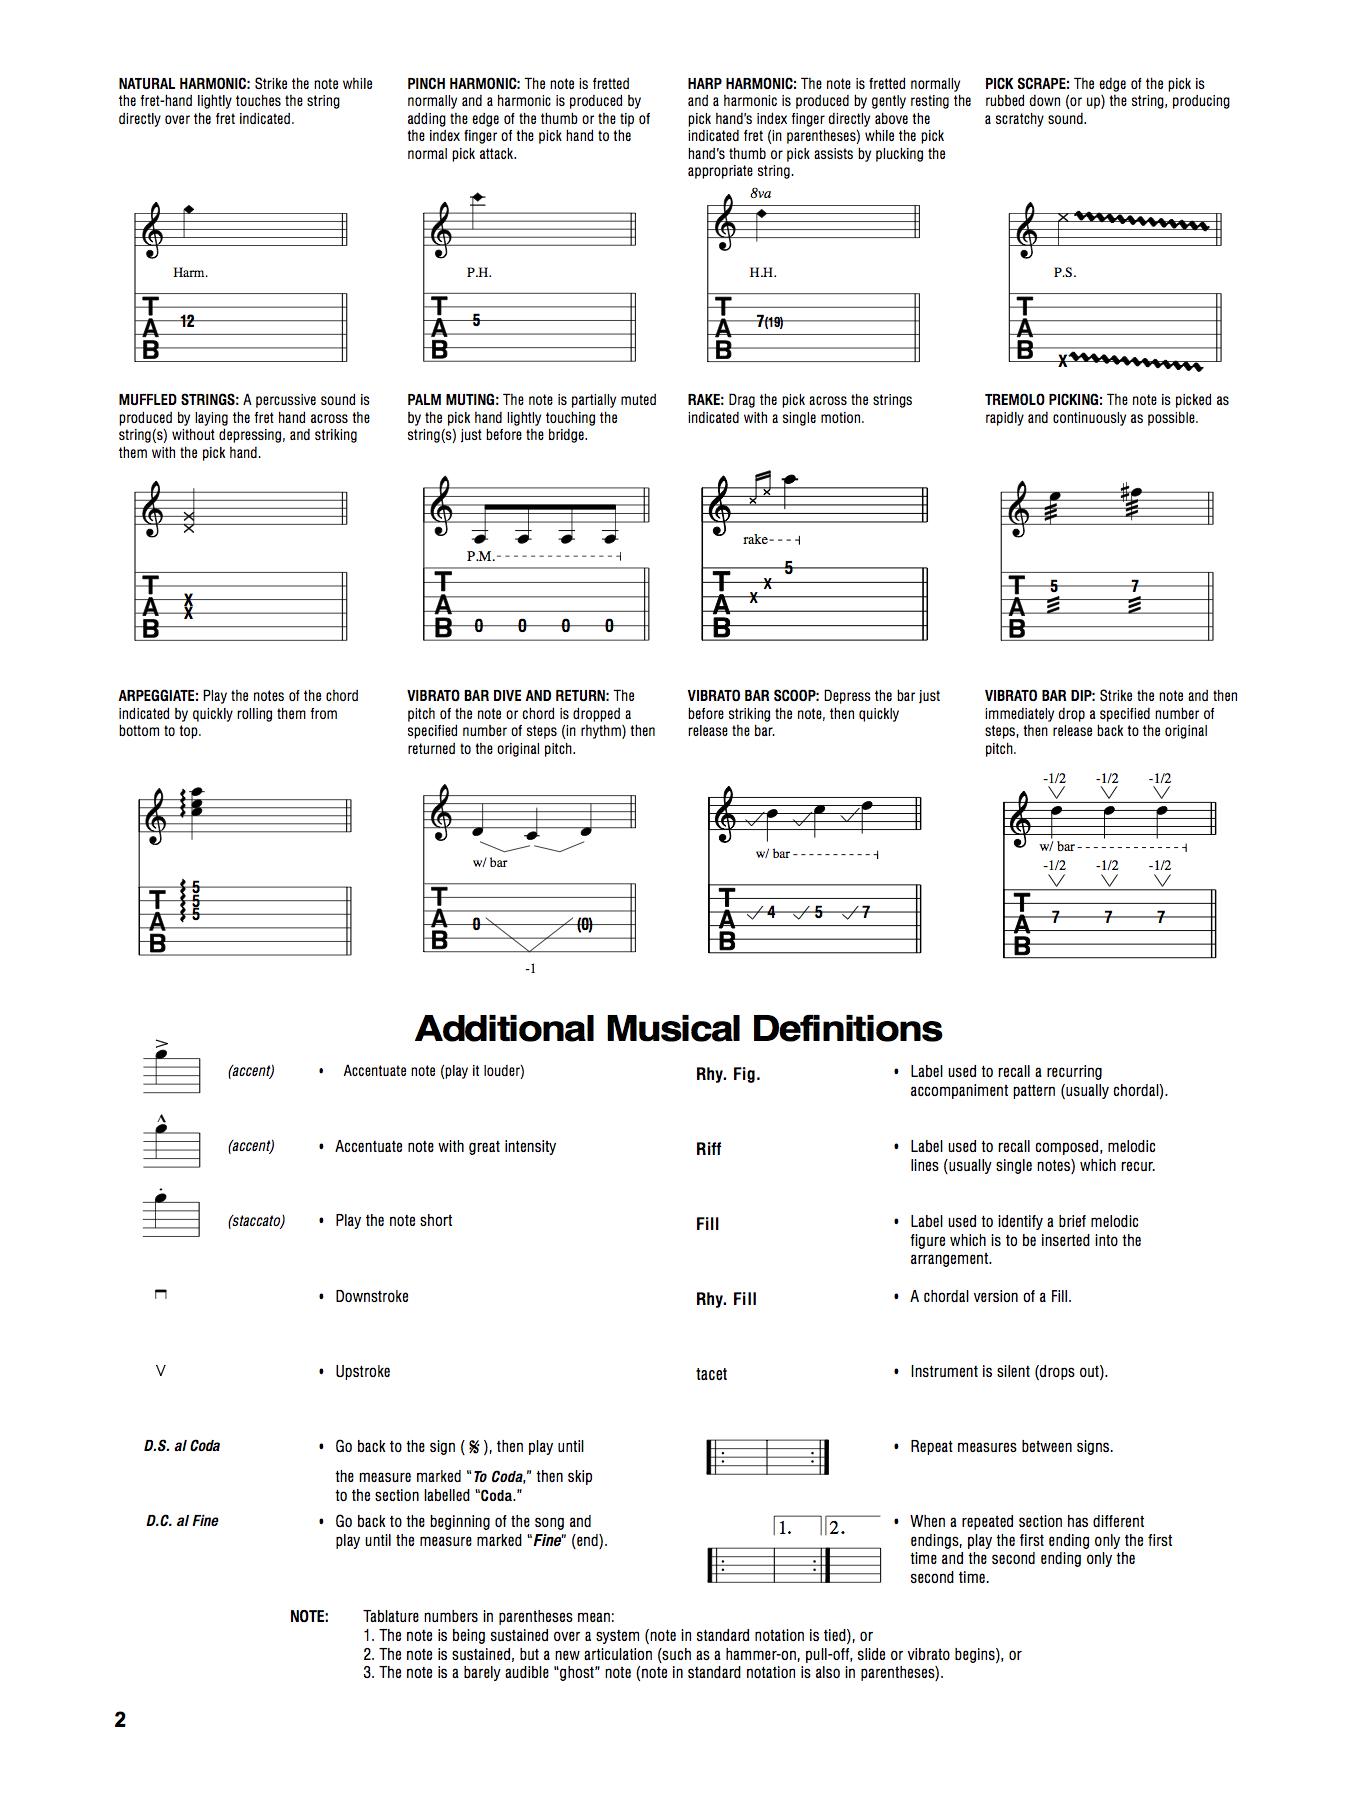 Les notations des tablatures de guitare : explication de chaque signe et symbole (suite)